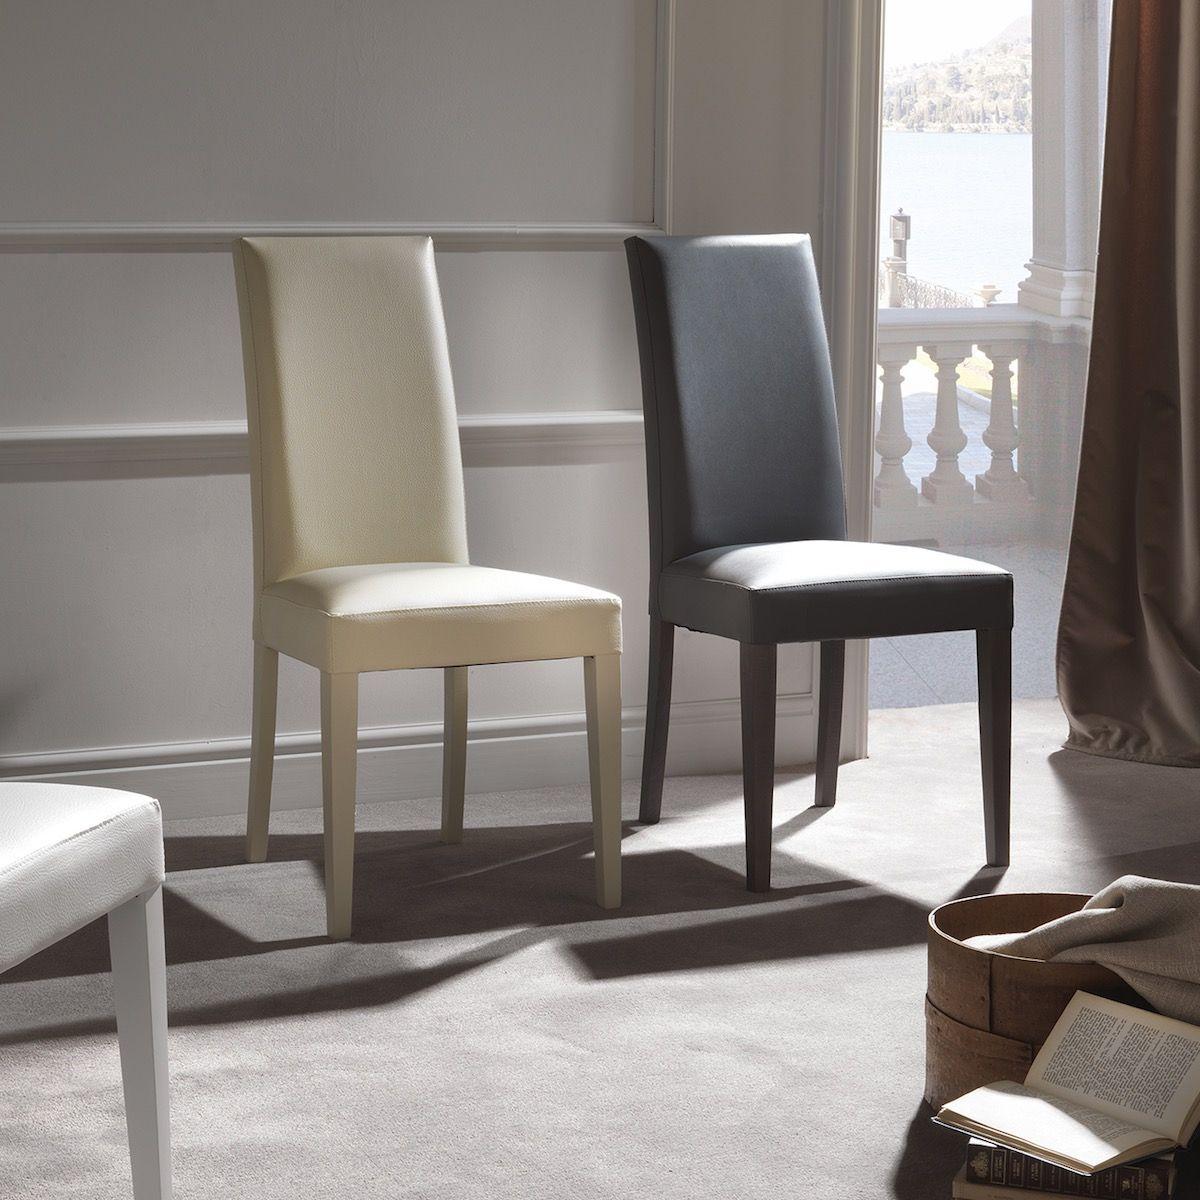 Artigiano Della Sedia Bologna sedia di cartone allungabile